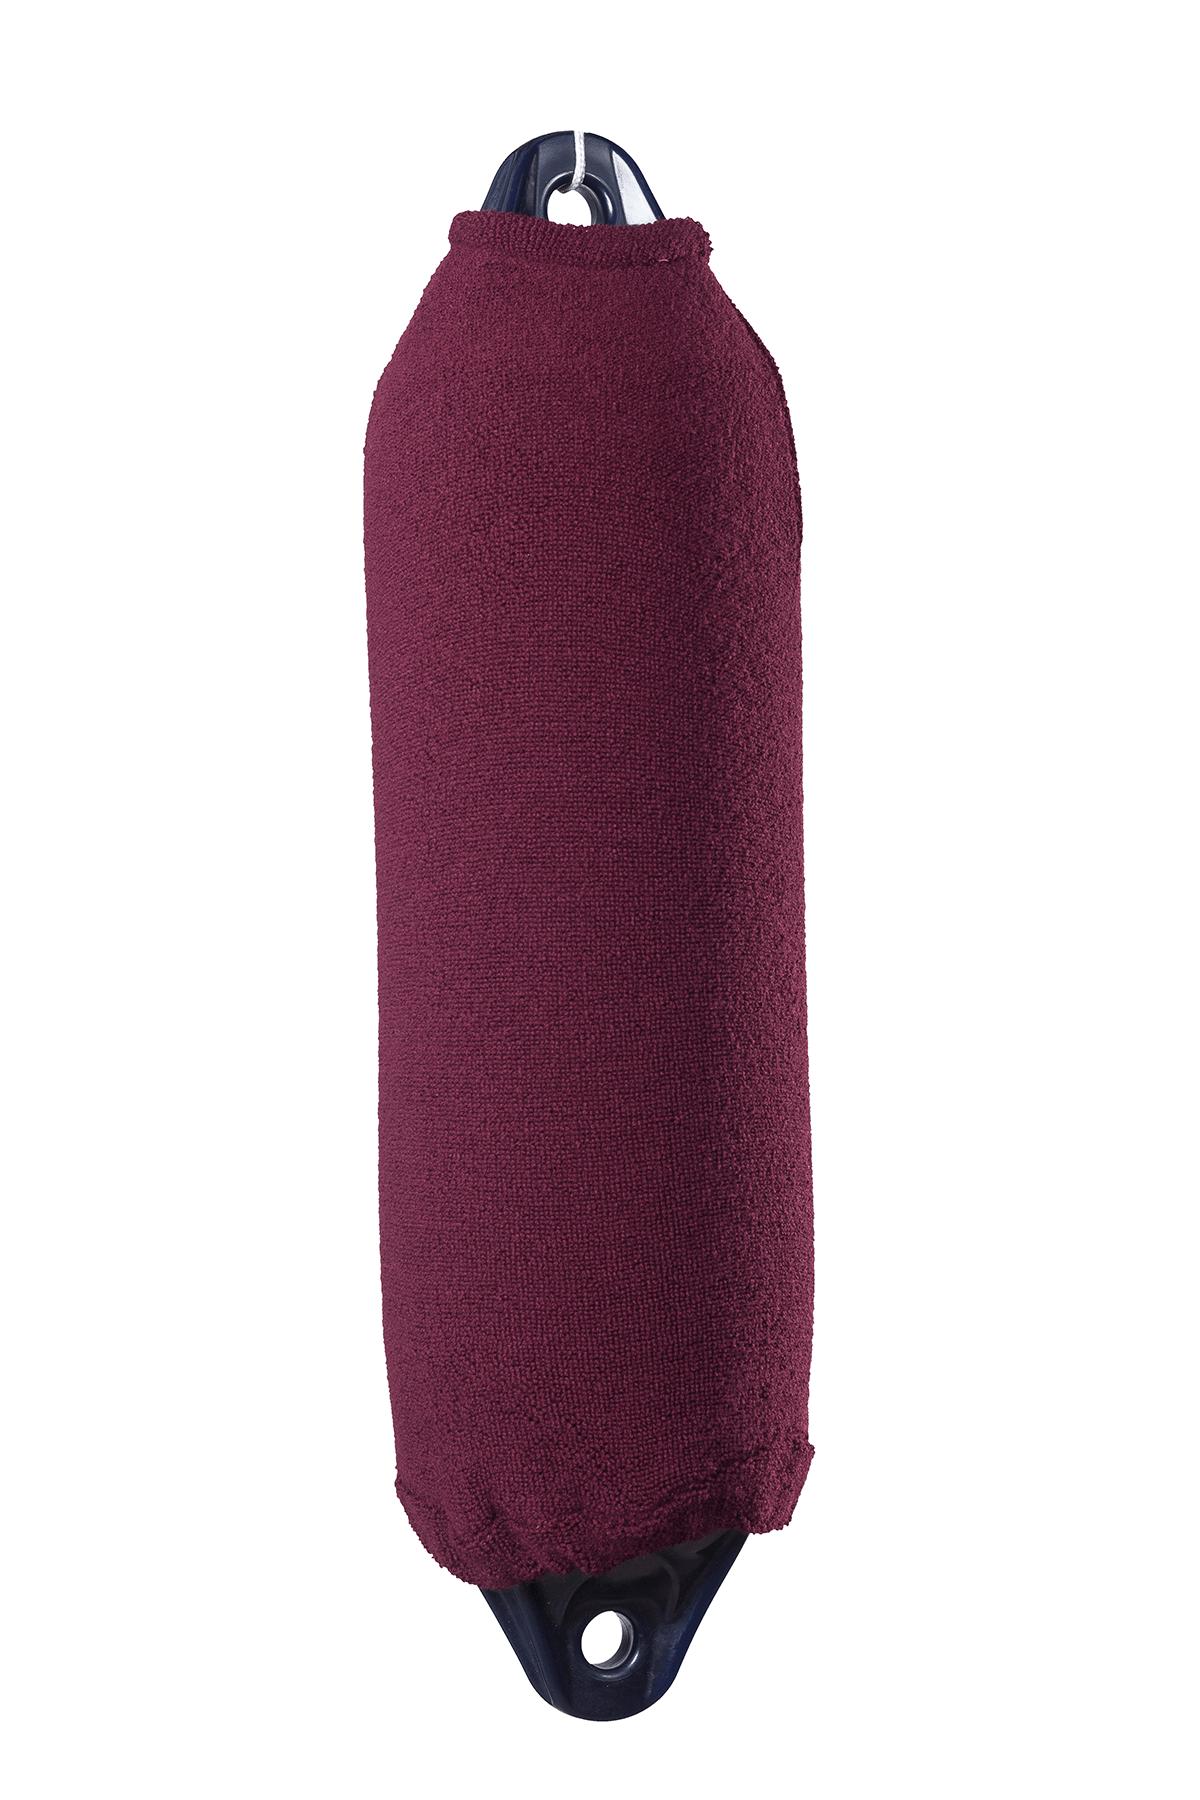 42.2 - Καλύμματα Μακρόστενων Μπαλονιών 104cm Χρώματος Μπορντό - Σετ Των 2 Τεμαχίων